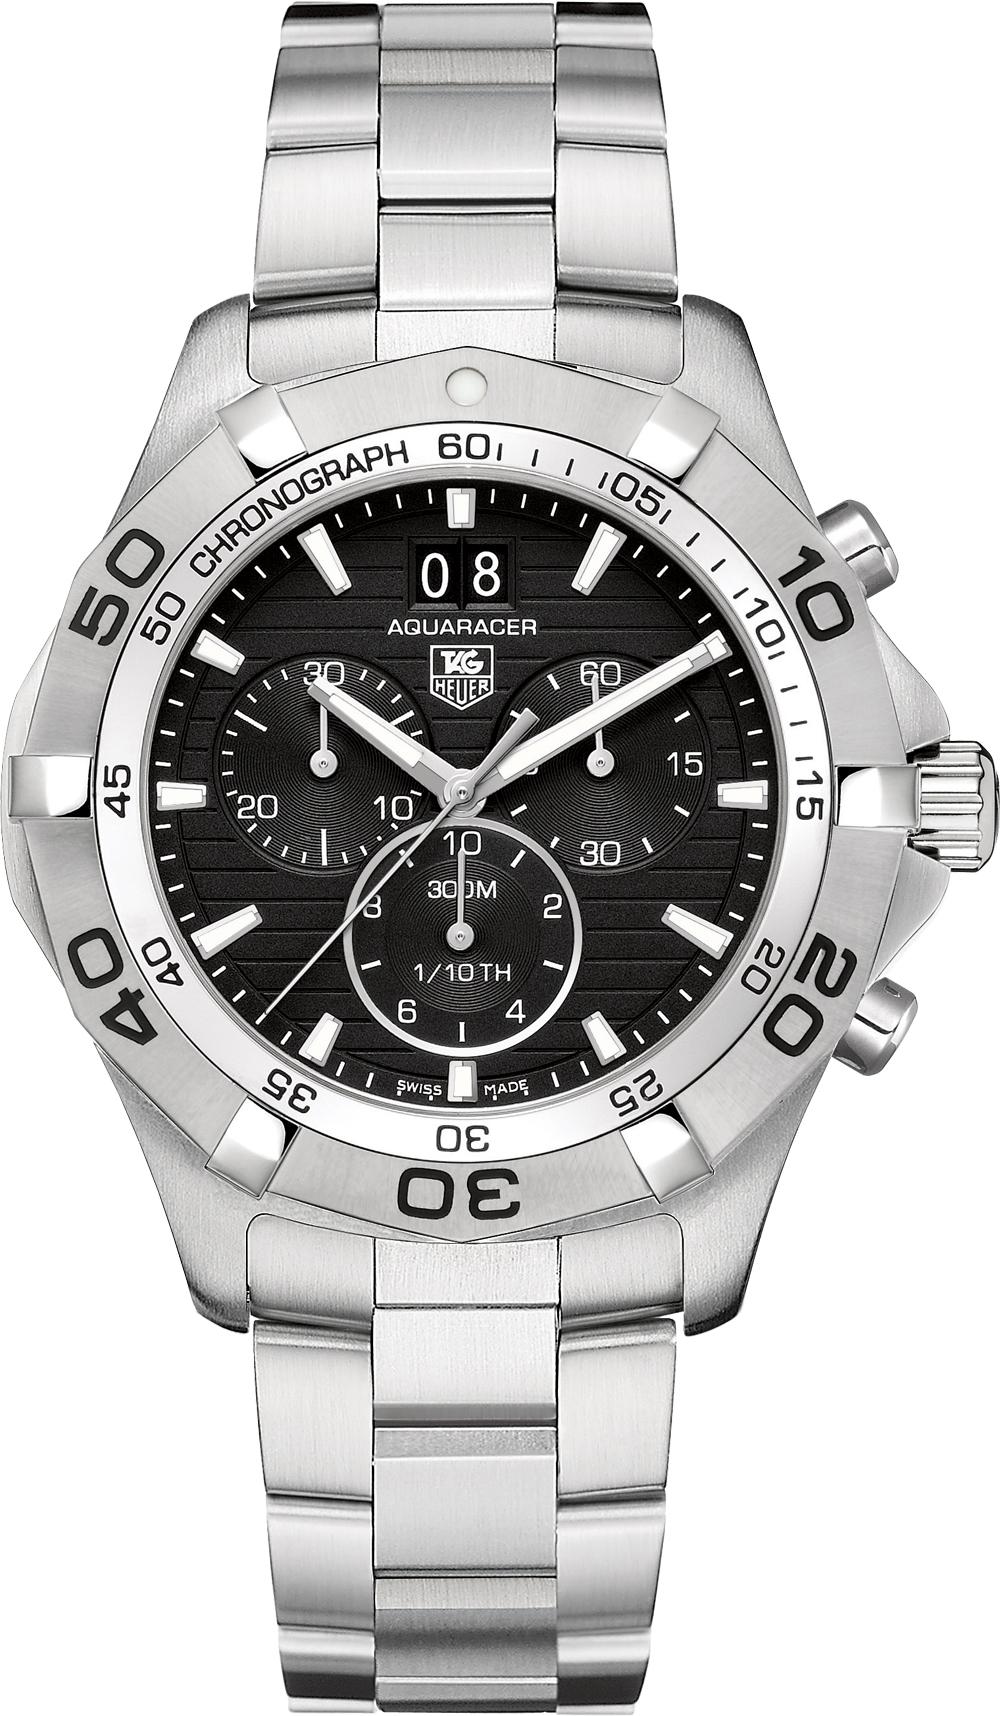 Tag heuer aquaracer quartz men 39 s watch model caf101e ba0821 for The tag heuer aquaracer